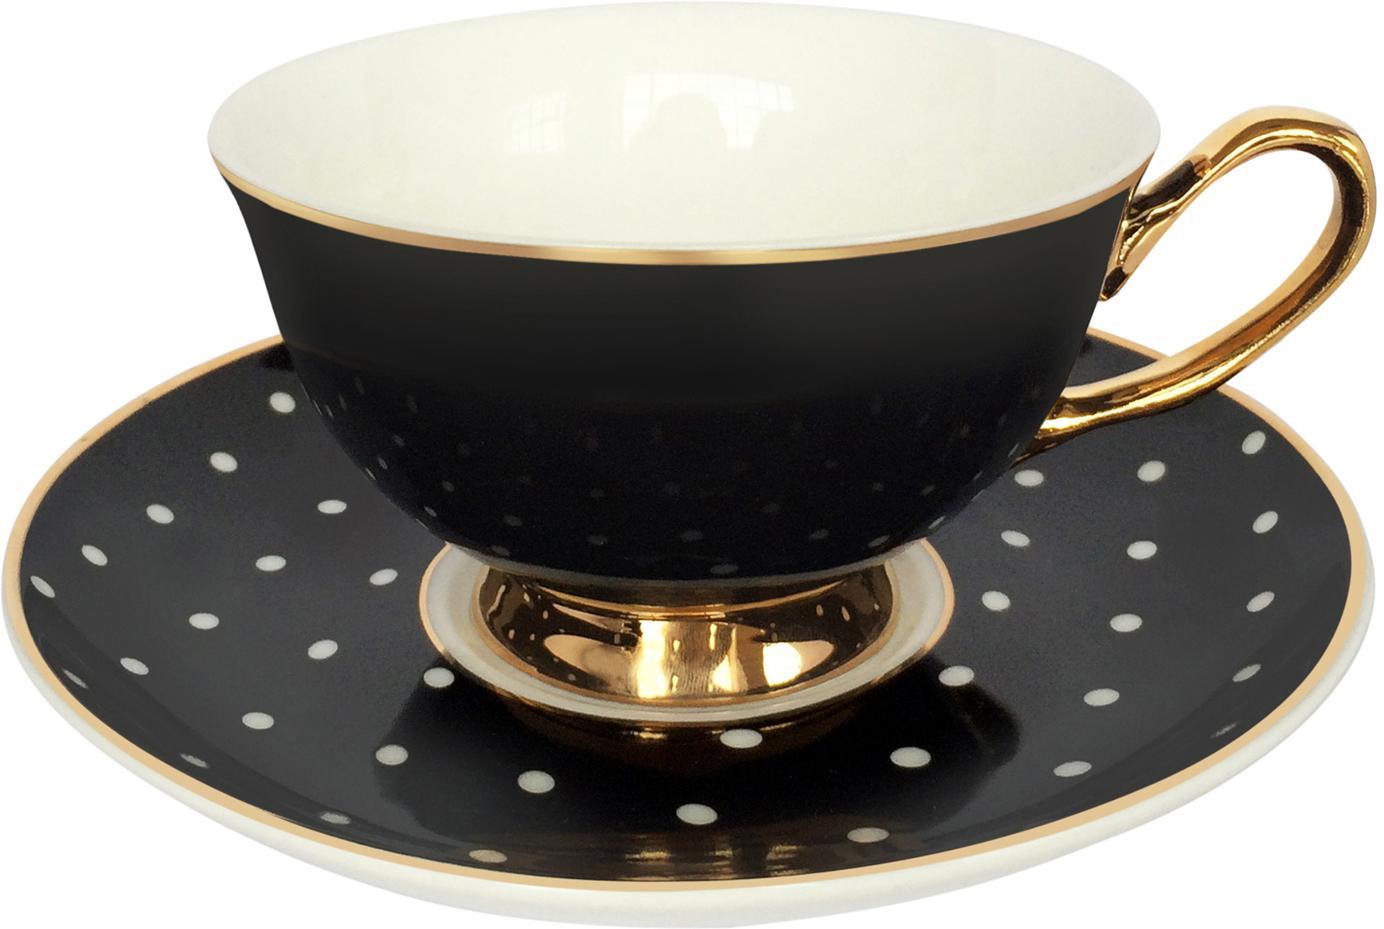 Teetasse mit Untertasse Spotty mit Goldelementen und Punkten, Bone China, vergoldet, Schwarz, Weiß<br>Rand und Henkel: Gold, Ø 15 x H 6 cm